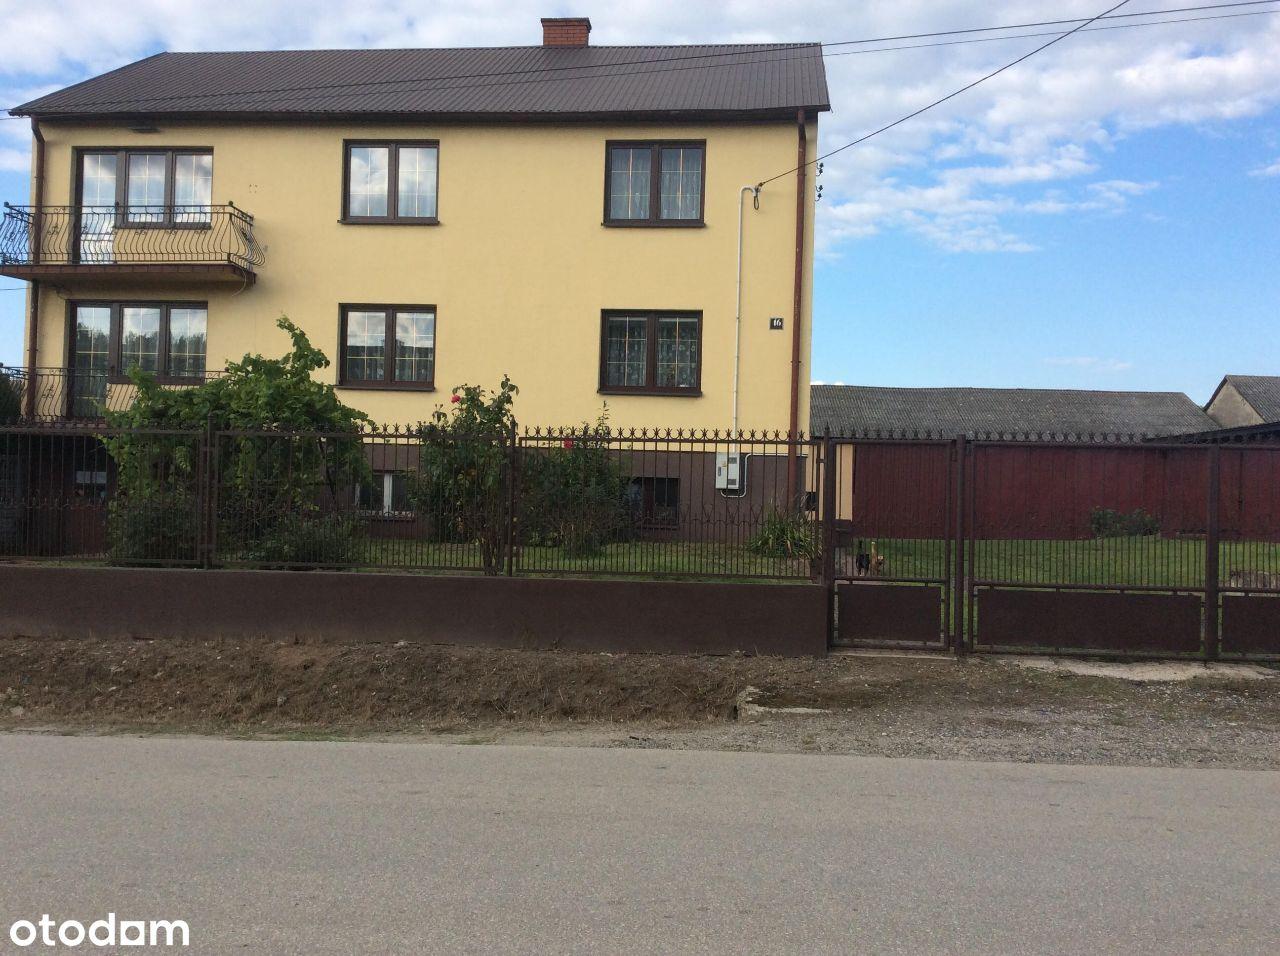 Dom na sprzedaż z działką, tarasem i podpiwniczeni